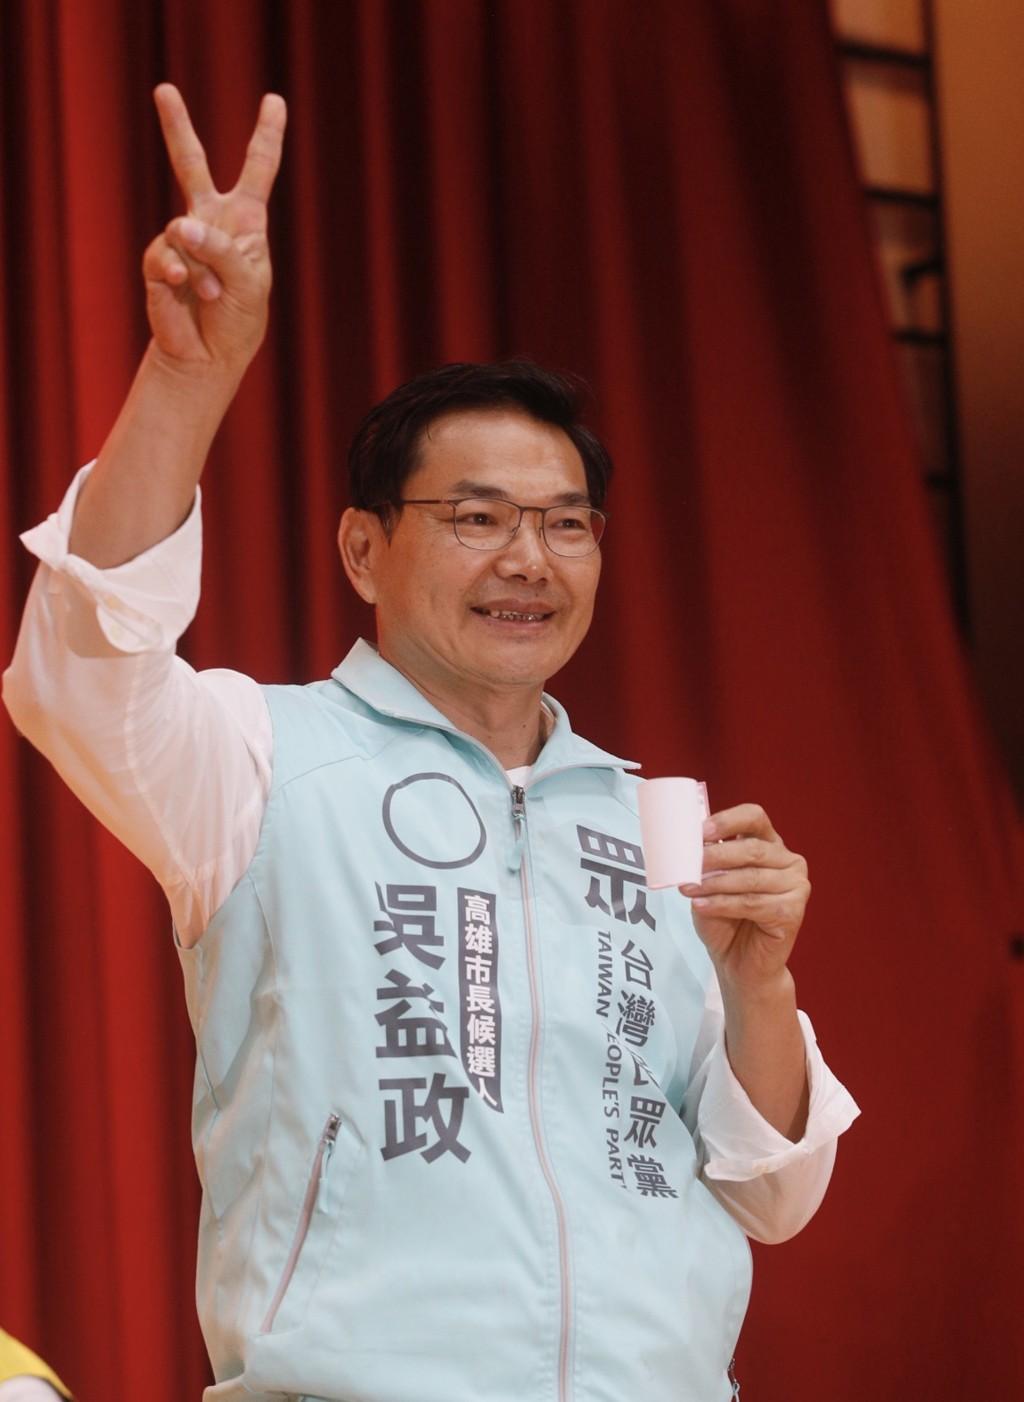 高雄市長補選號次抽籤:陳其邁1、吳益政2、李眉蓁3